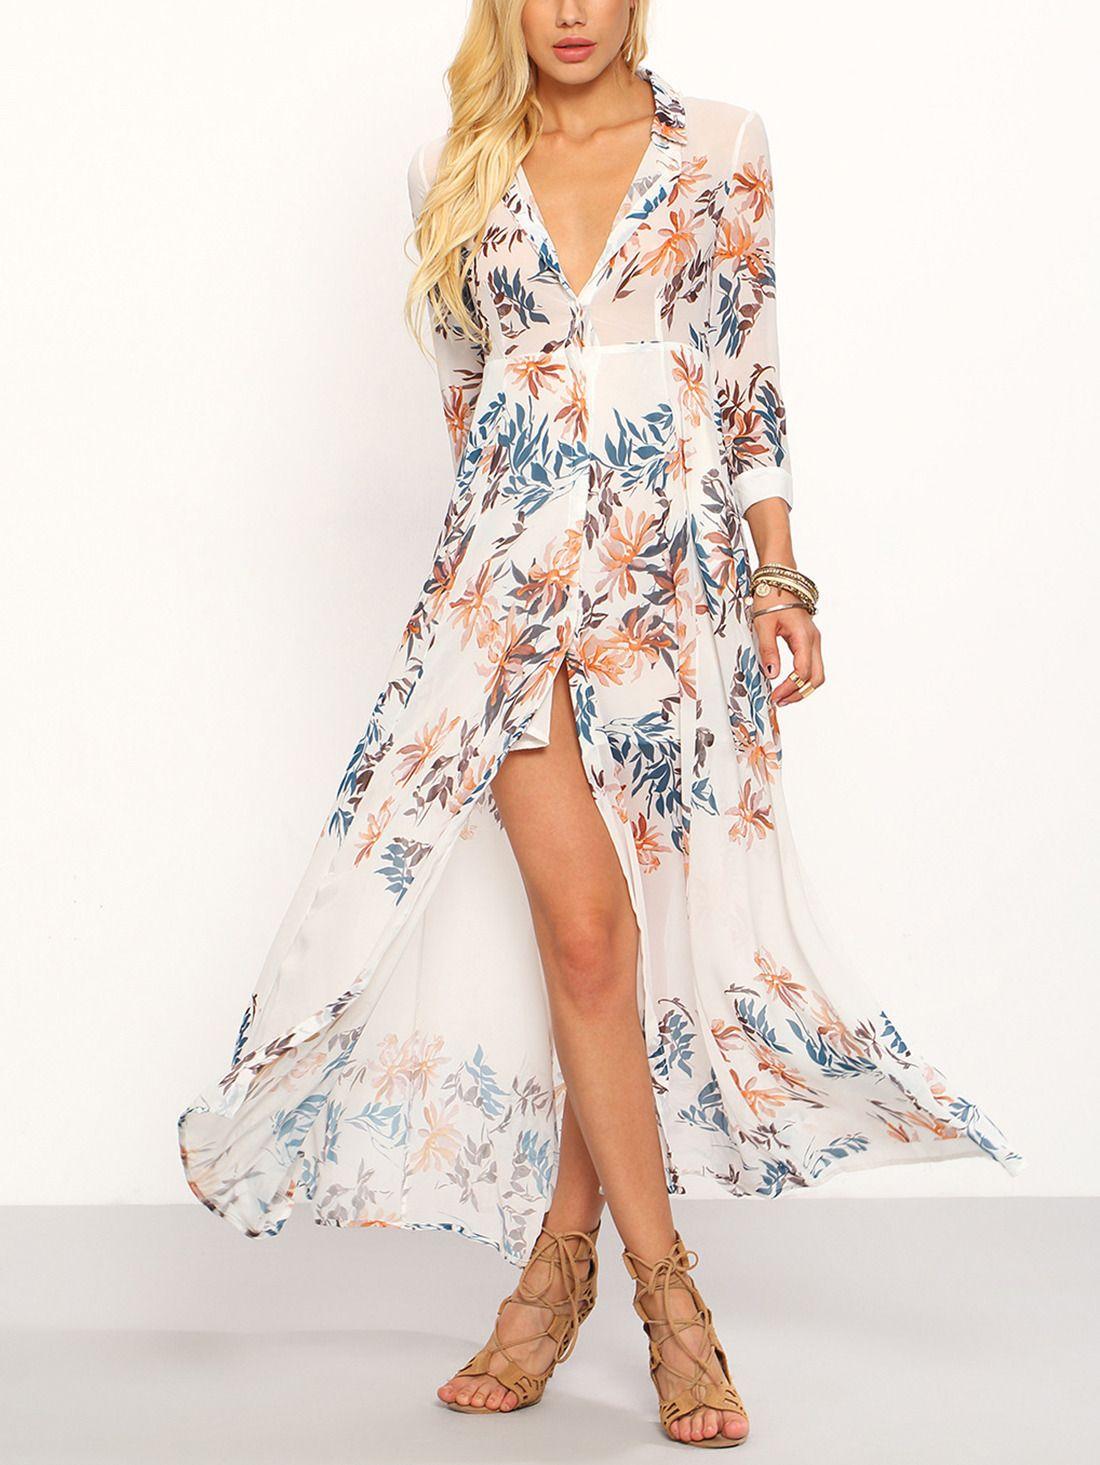 898c2c19b24 Flower Print Chiffon Long Shirt Dress - White -SheIn(Sheinside ...